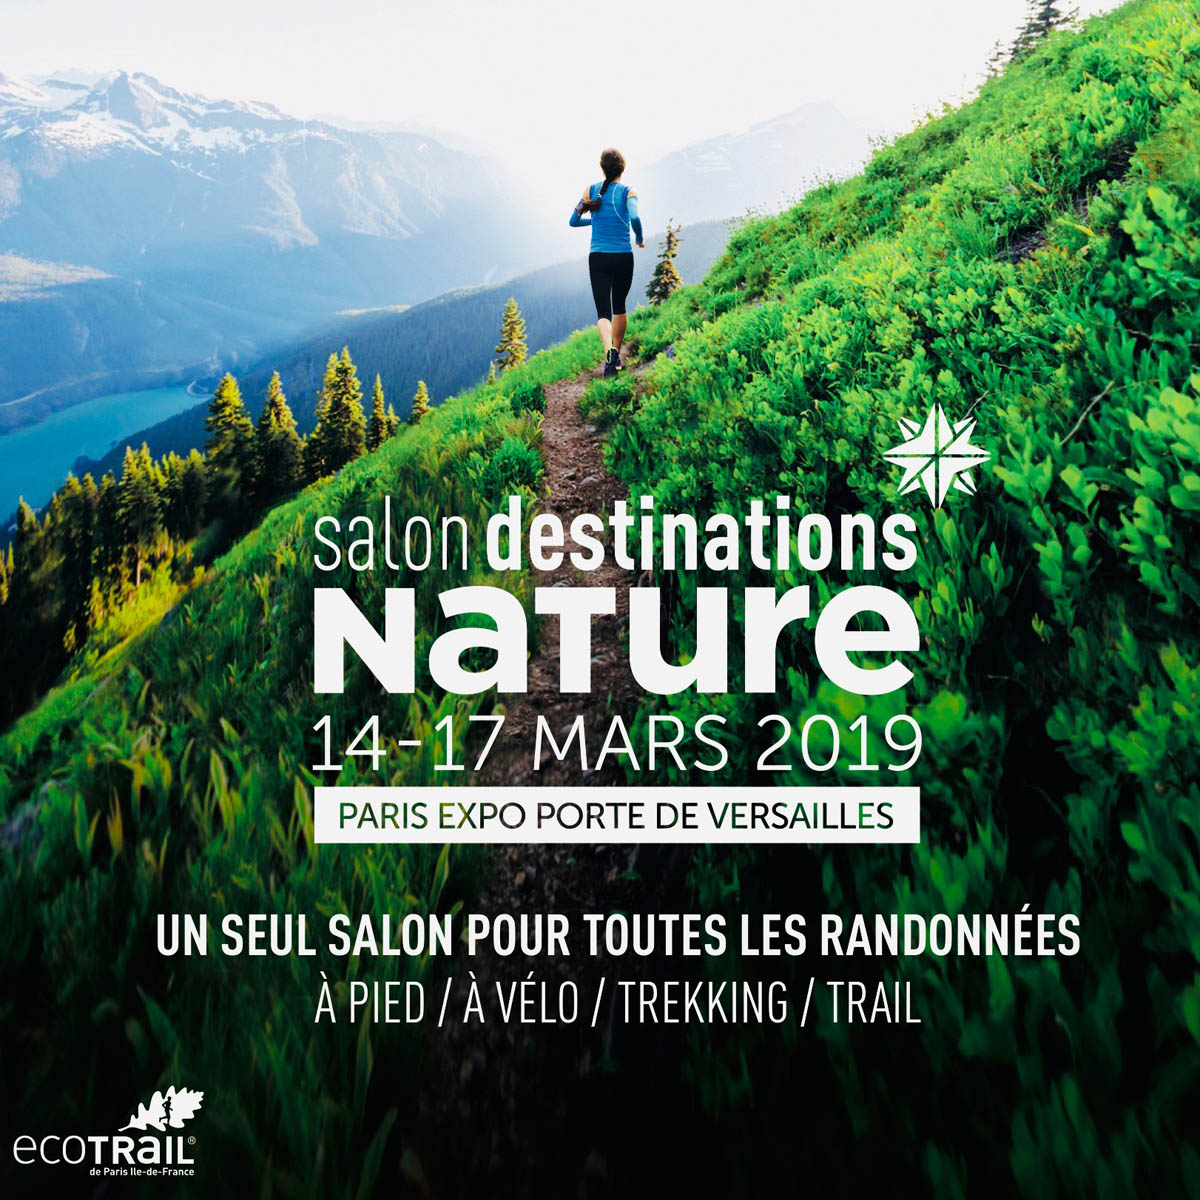 Salon Destination Nature : allez-y gratuitement !